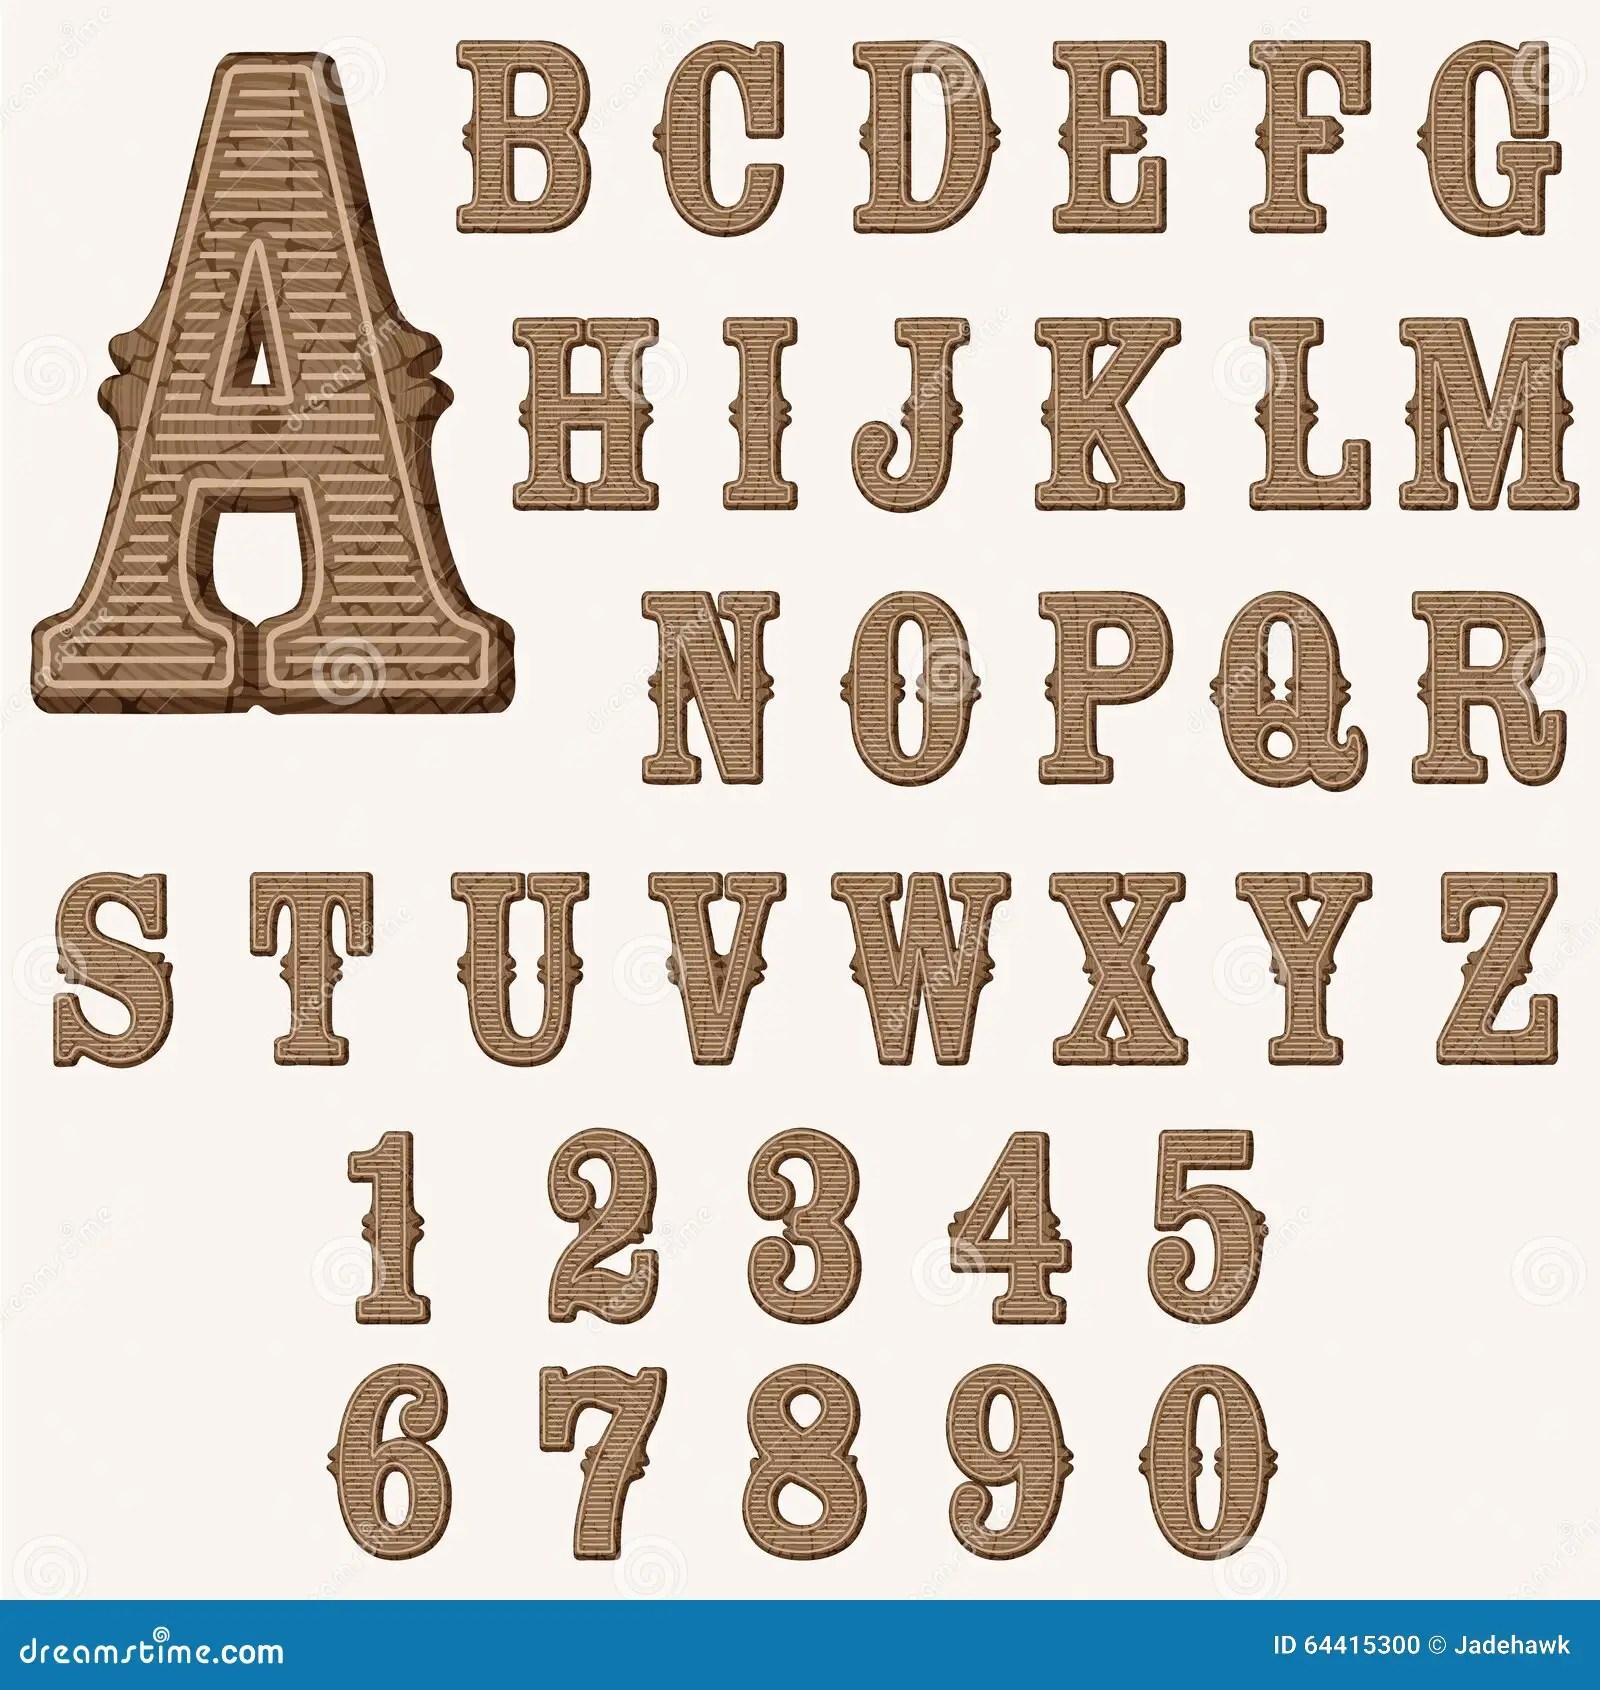 Wooden Alphabet Stock Vector